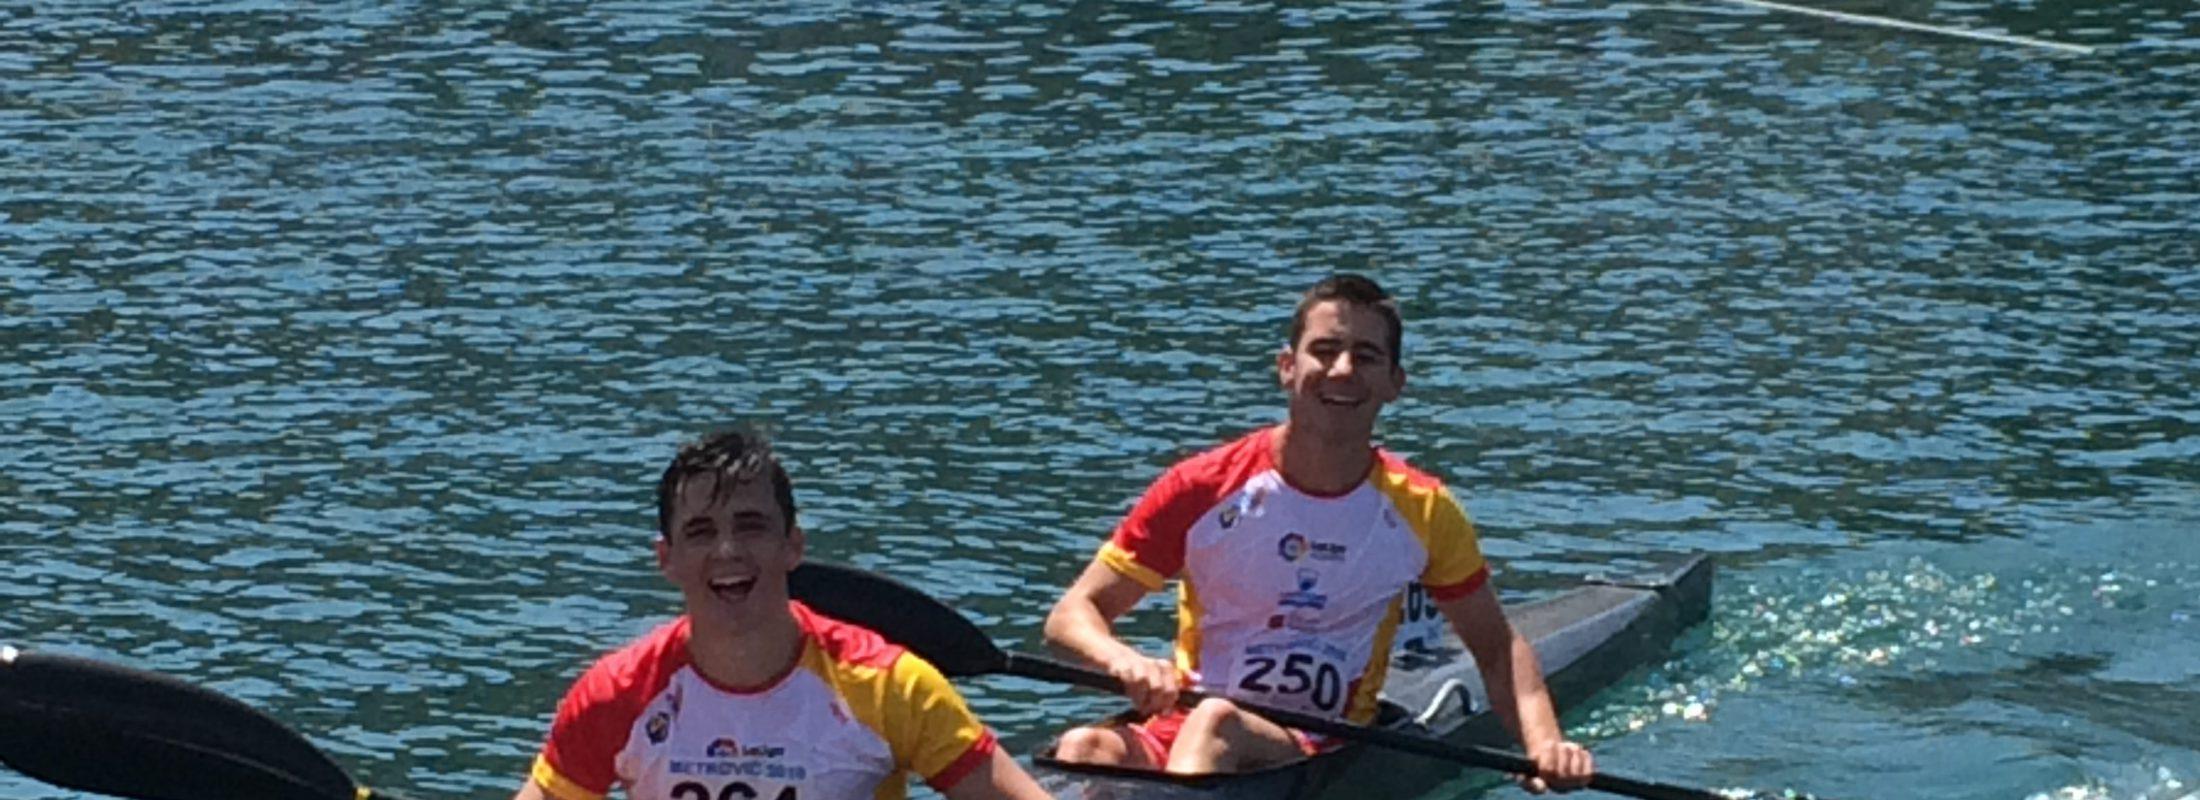 Sebastián López Muguerza y Víctor Arcos Mañas rozan el pódium en el Campeonato de Europa de Maratón